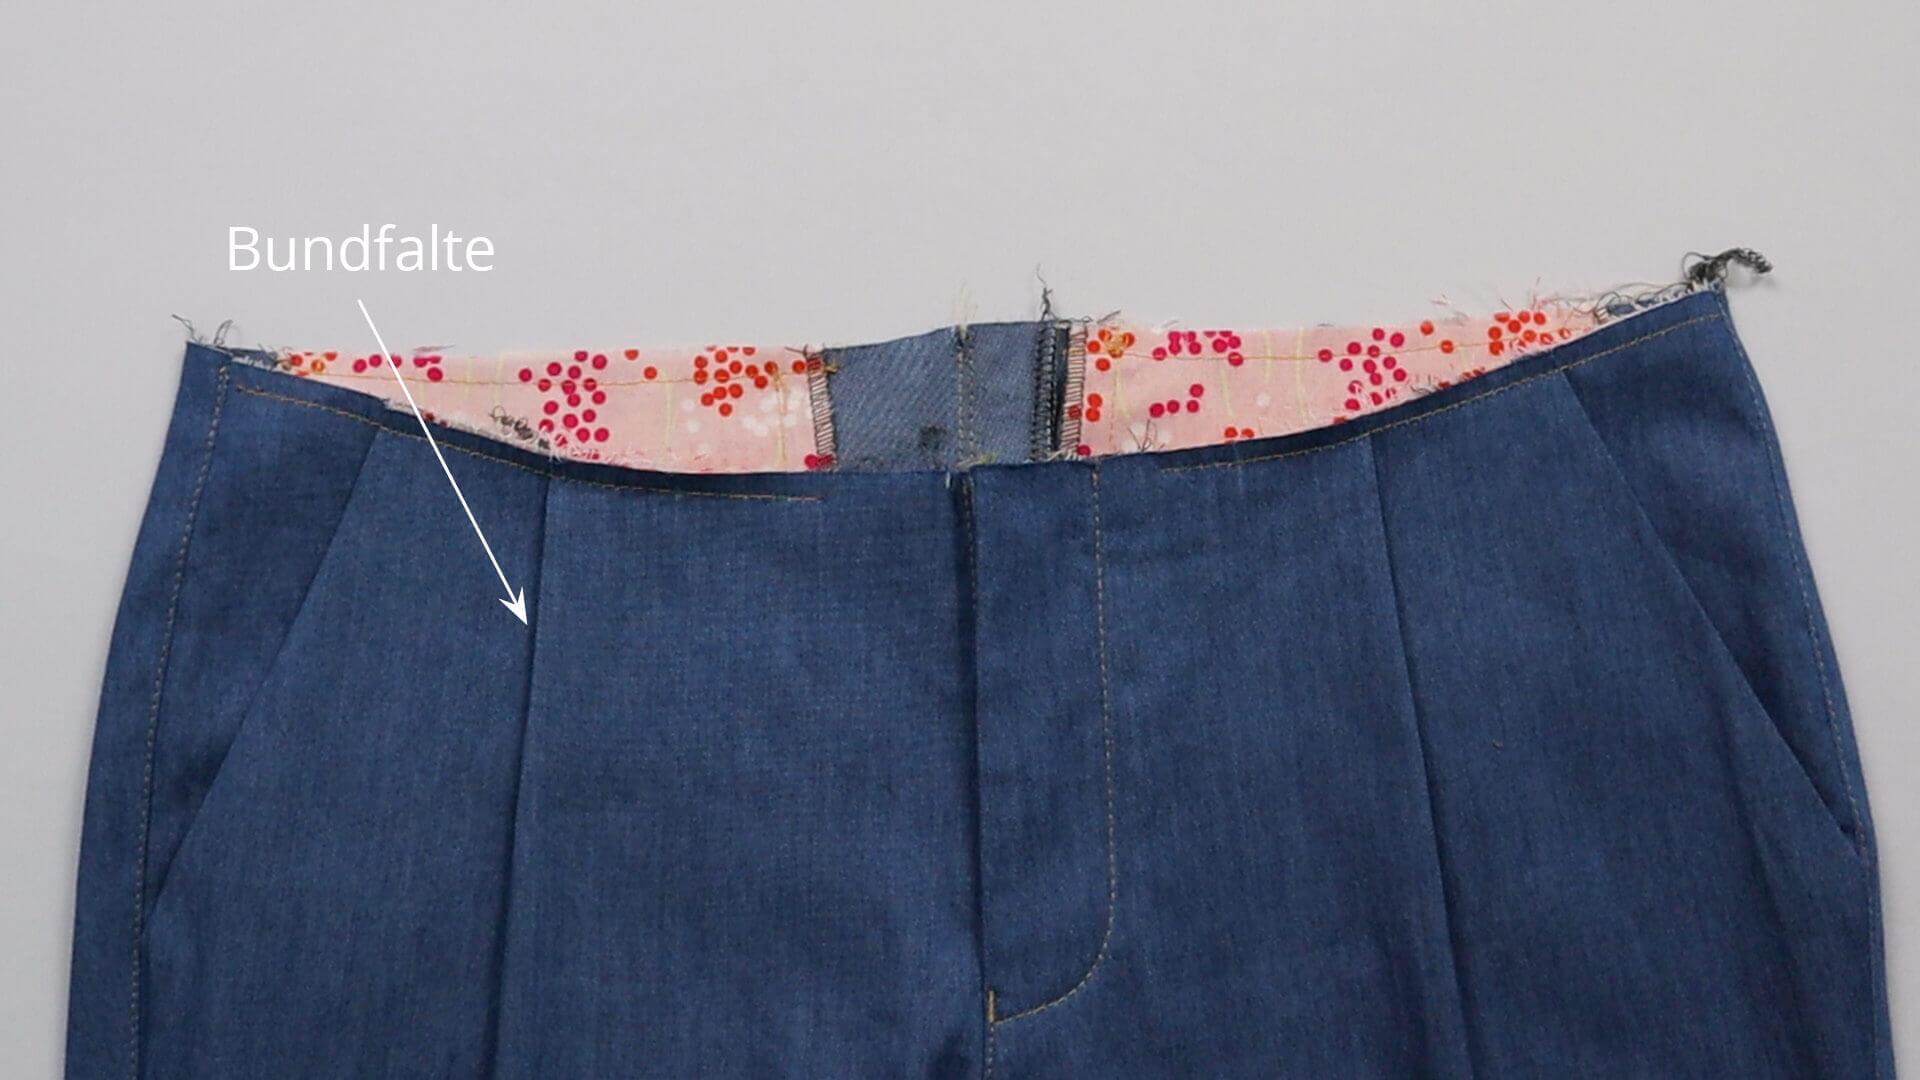 angesetzten Hosenbund #B01 selber nähen-Variante mit Bundfalten